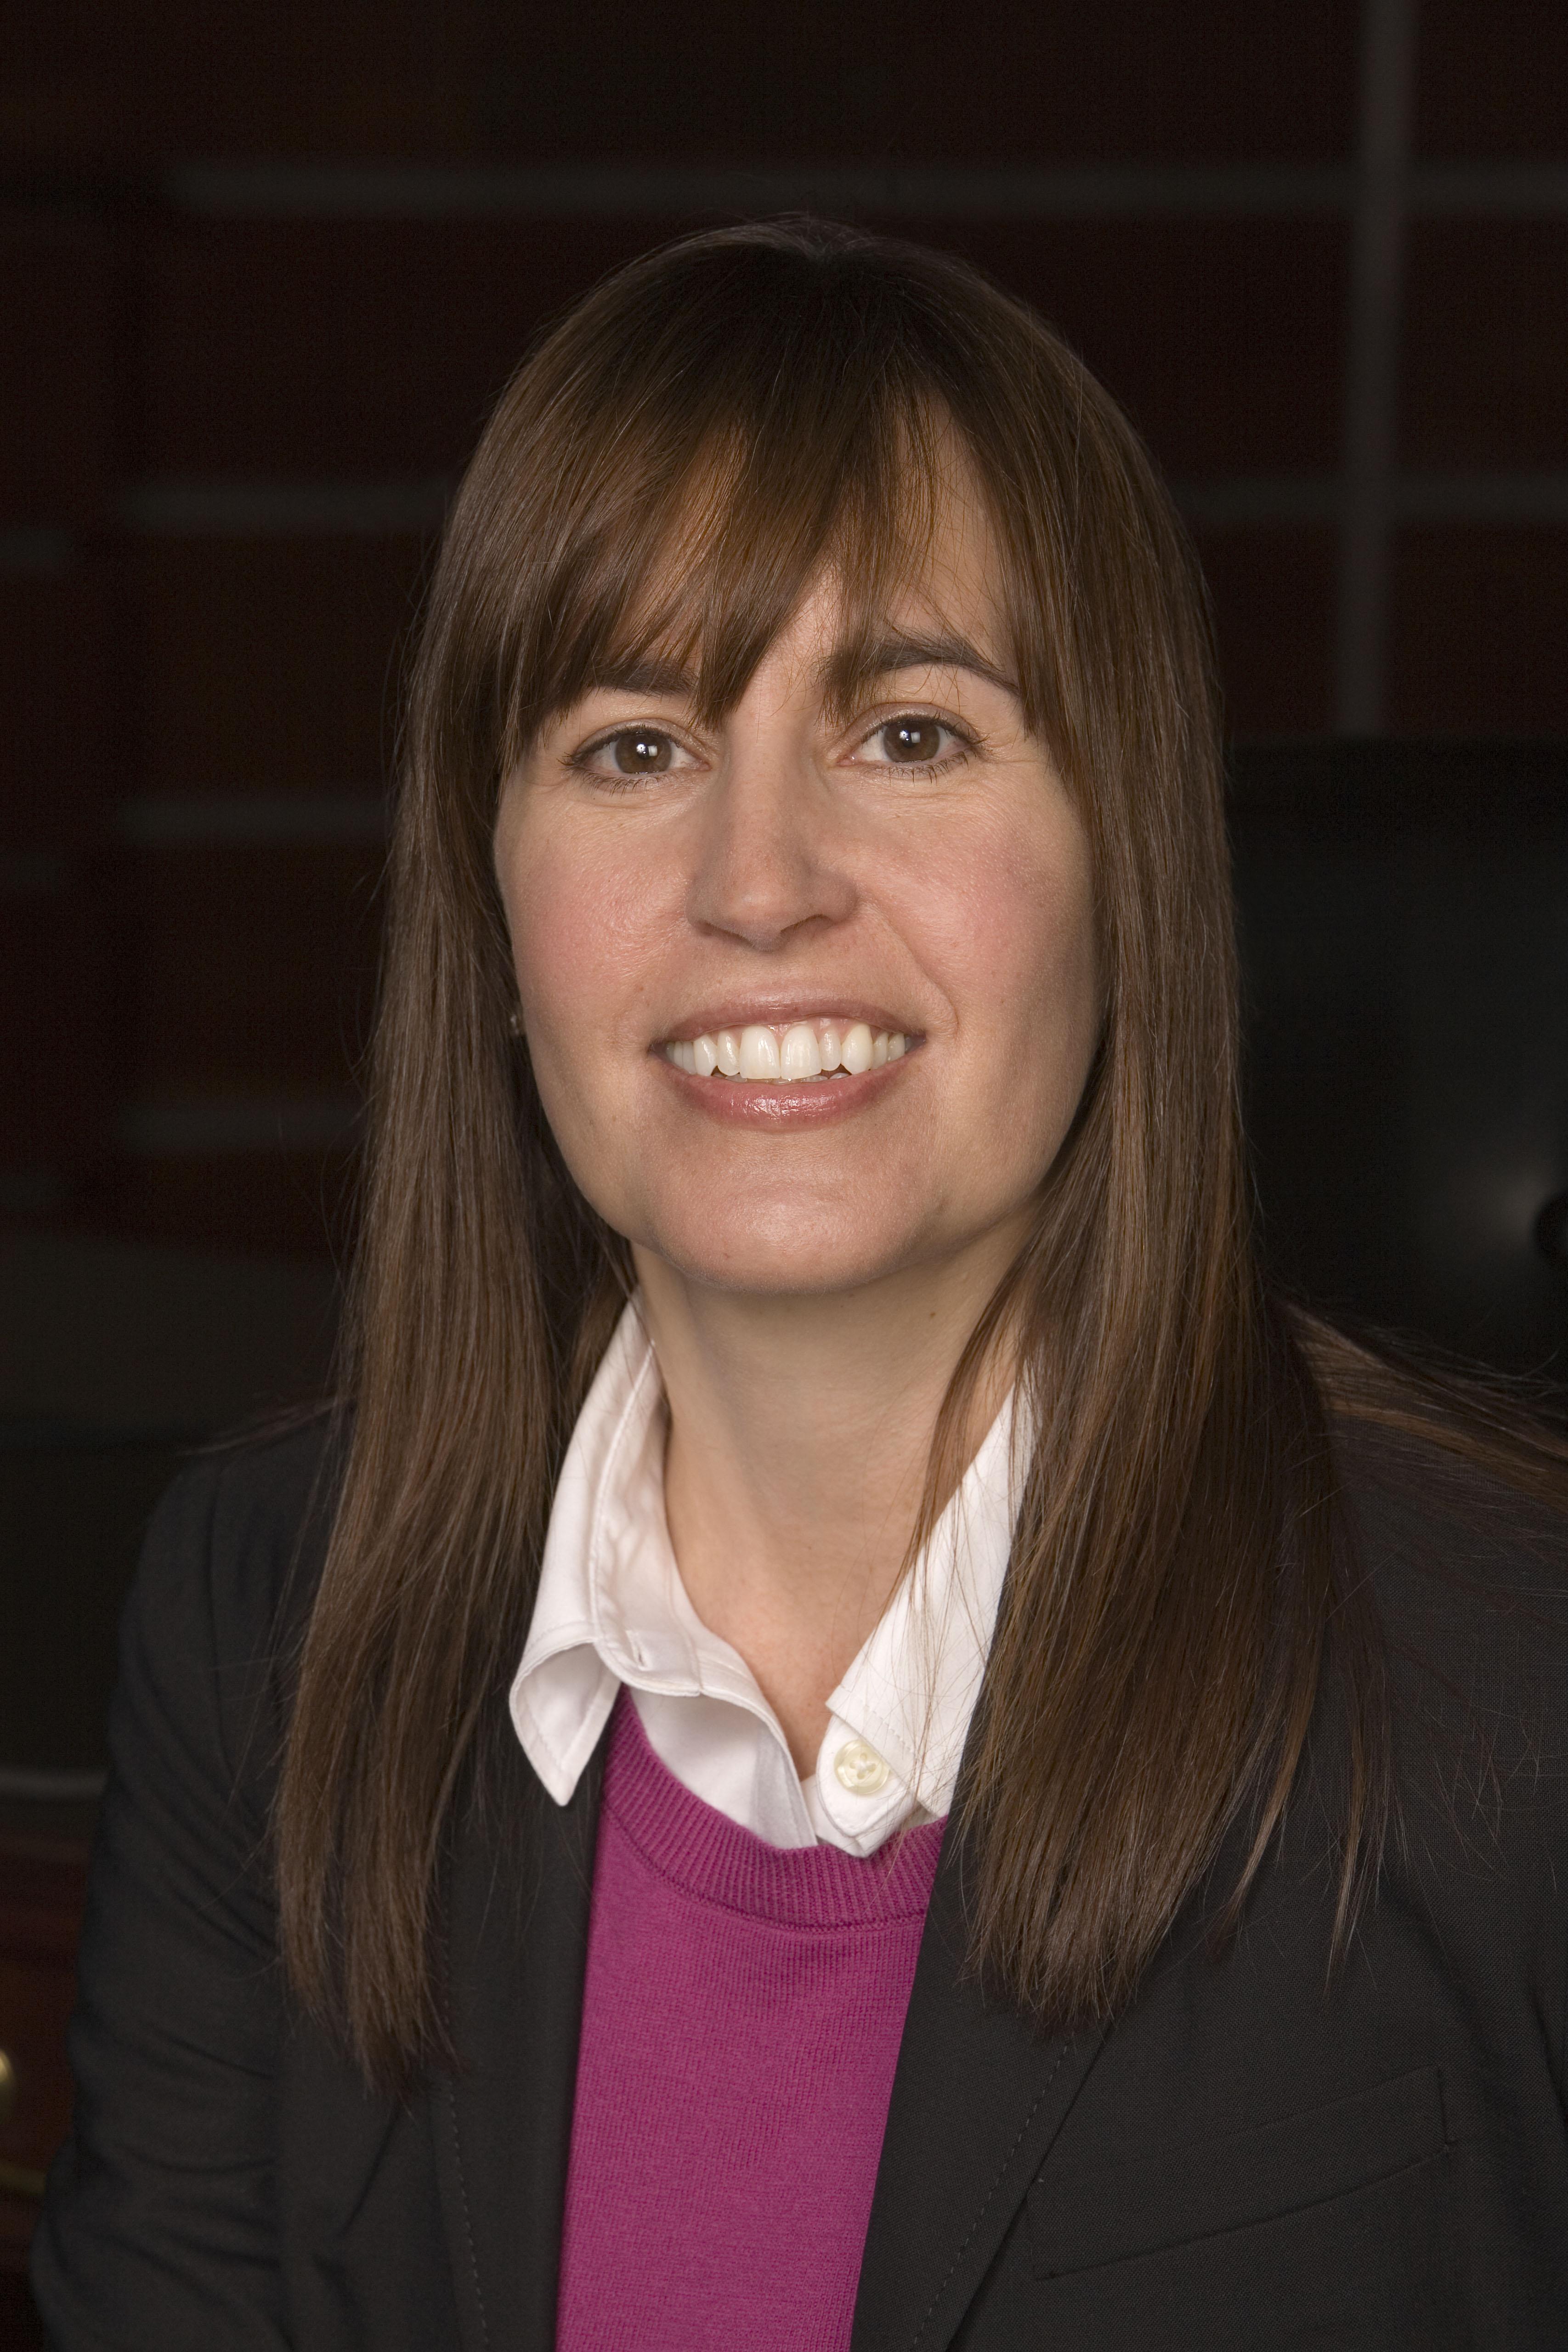 Allison Chandler